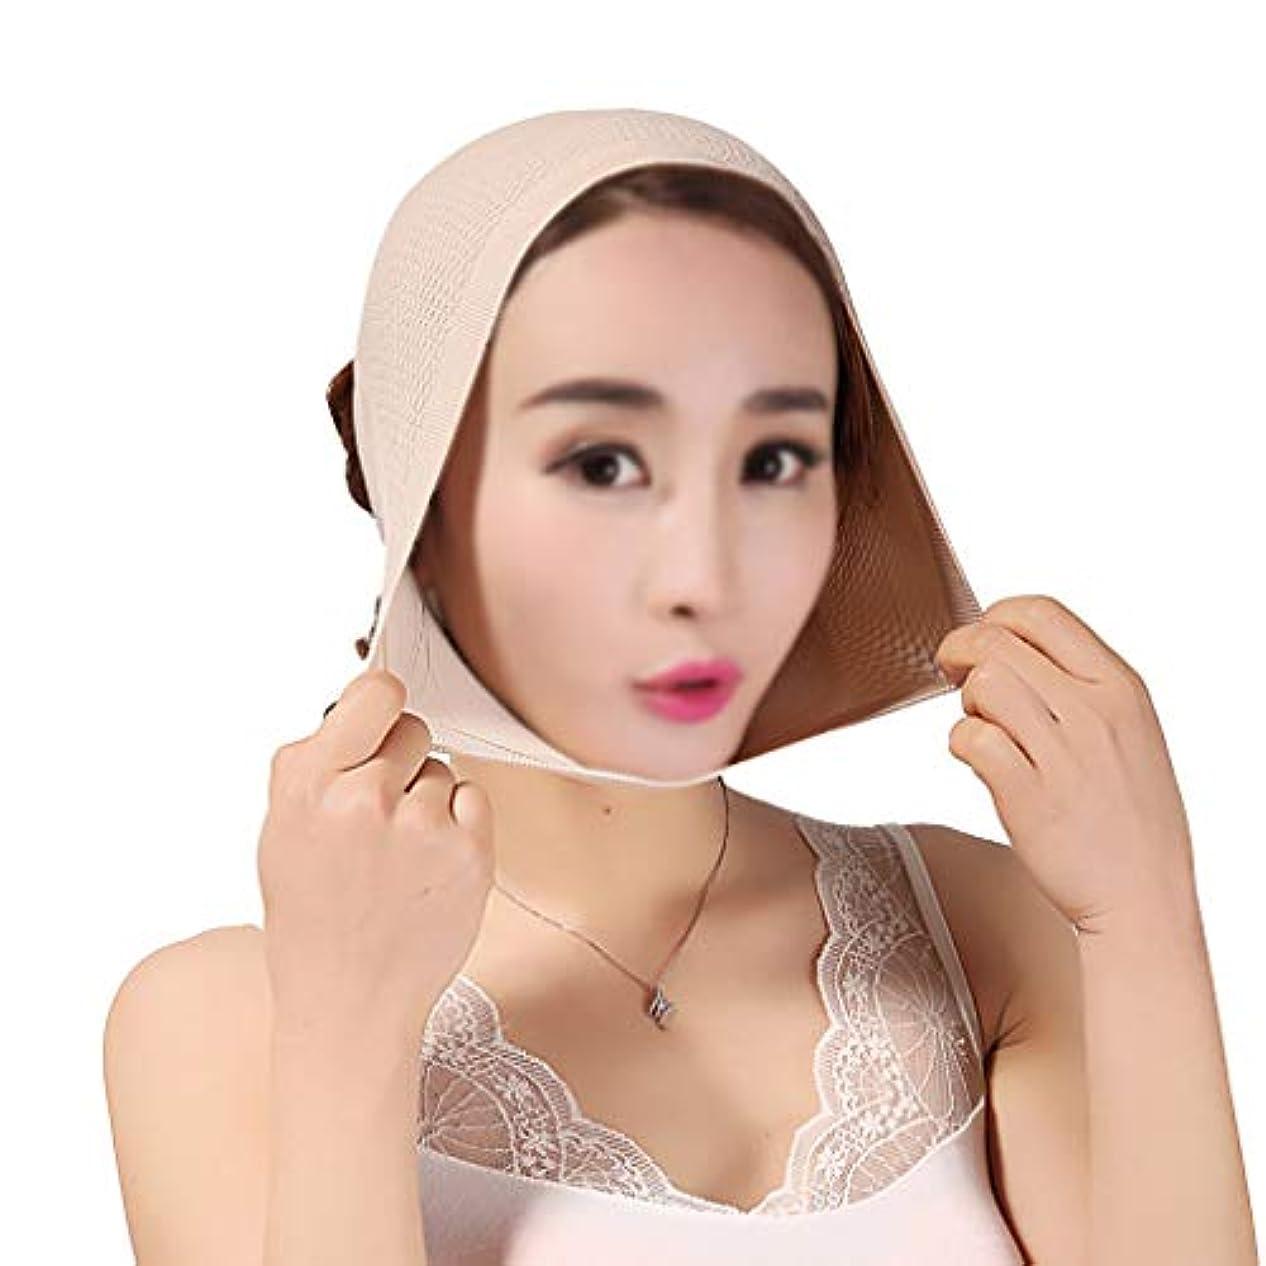 独創的実用的パレードGLJJQMY 痩身ベルトマスク薄い顔のマスクの睡眠薄い顔の包帯の薄い顔のマスクの顔のアーティファクト小さなV顔のダブルチンリフト引き締め顔補正 顔用整形マスク